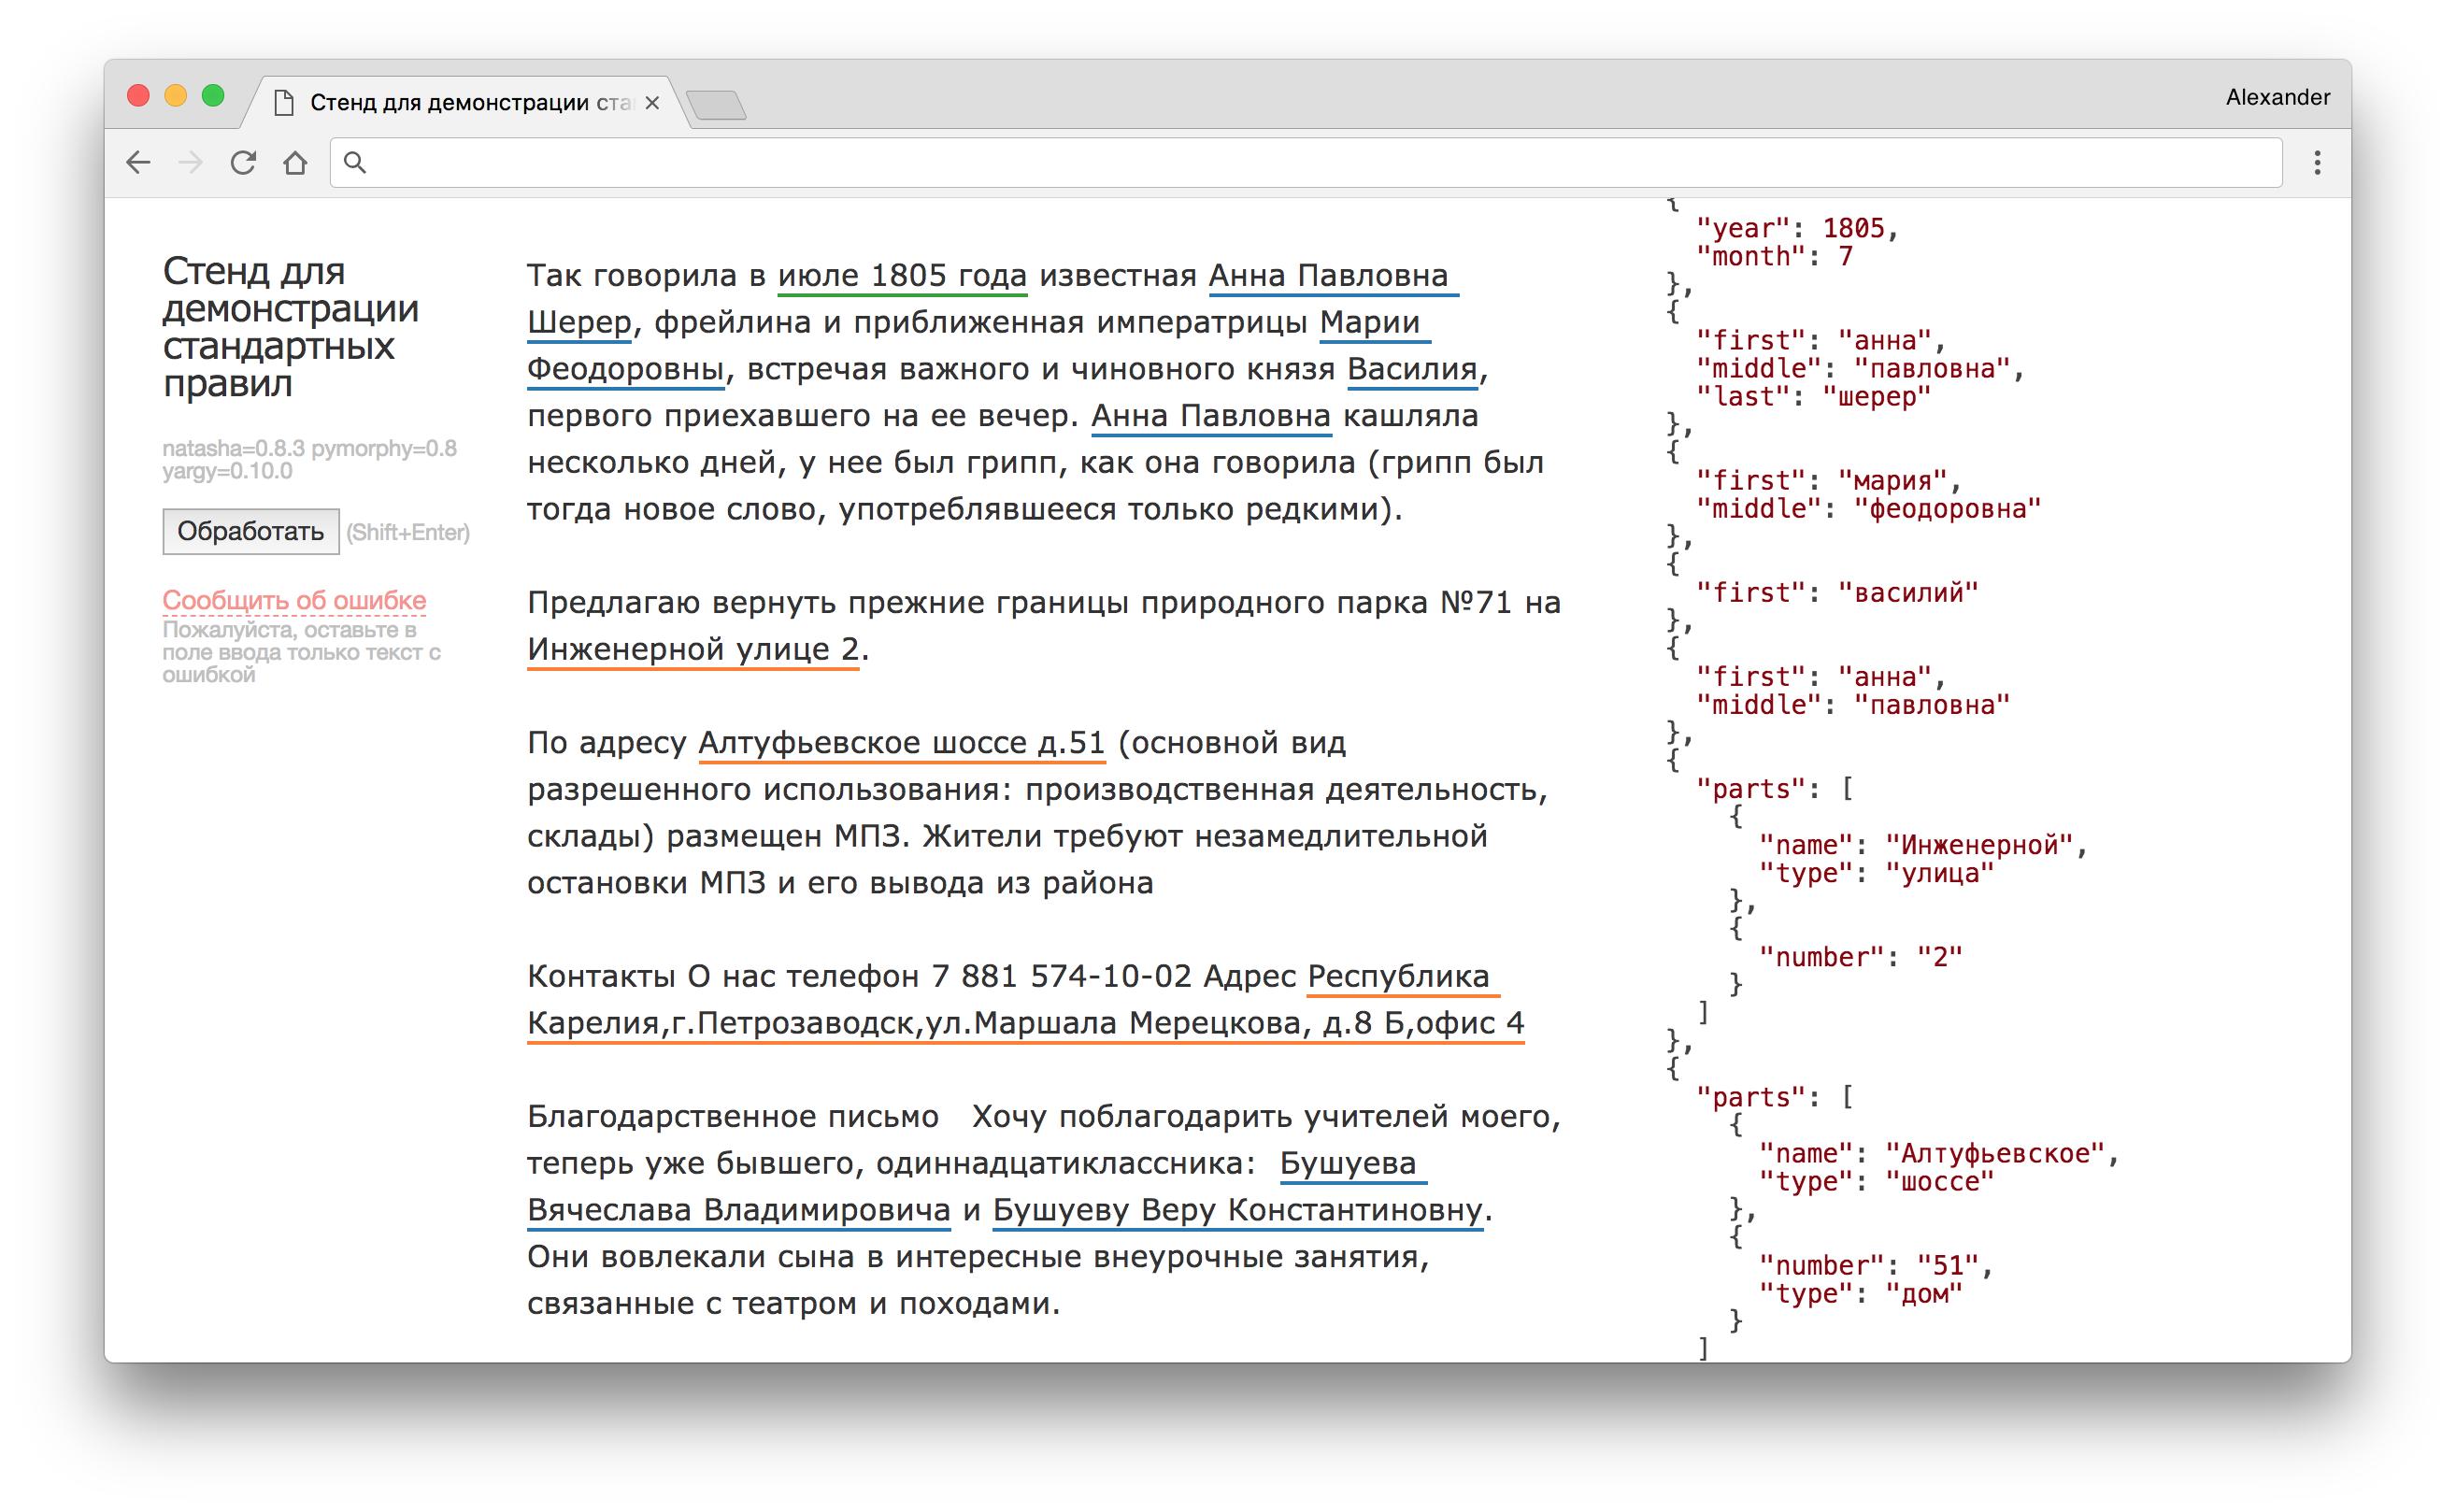 Наташа — библиотека для извлечения структурированной информации из текстов на русском языке - 6